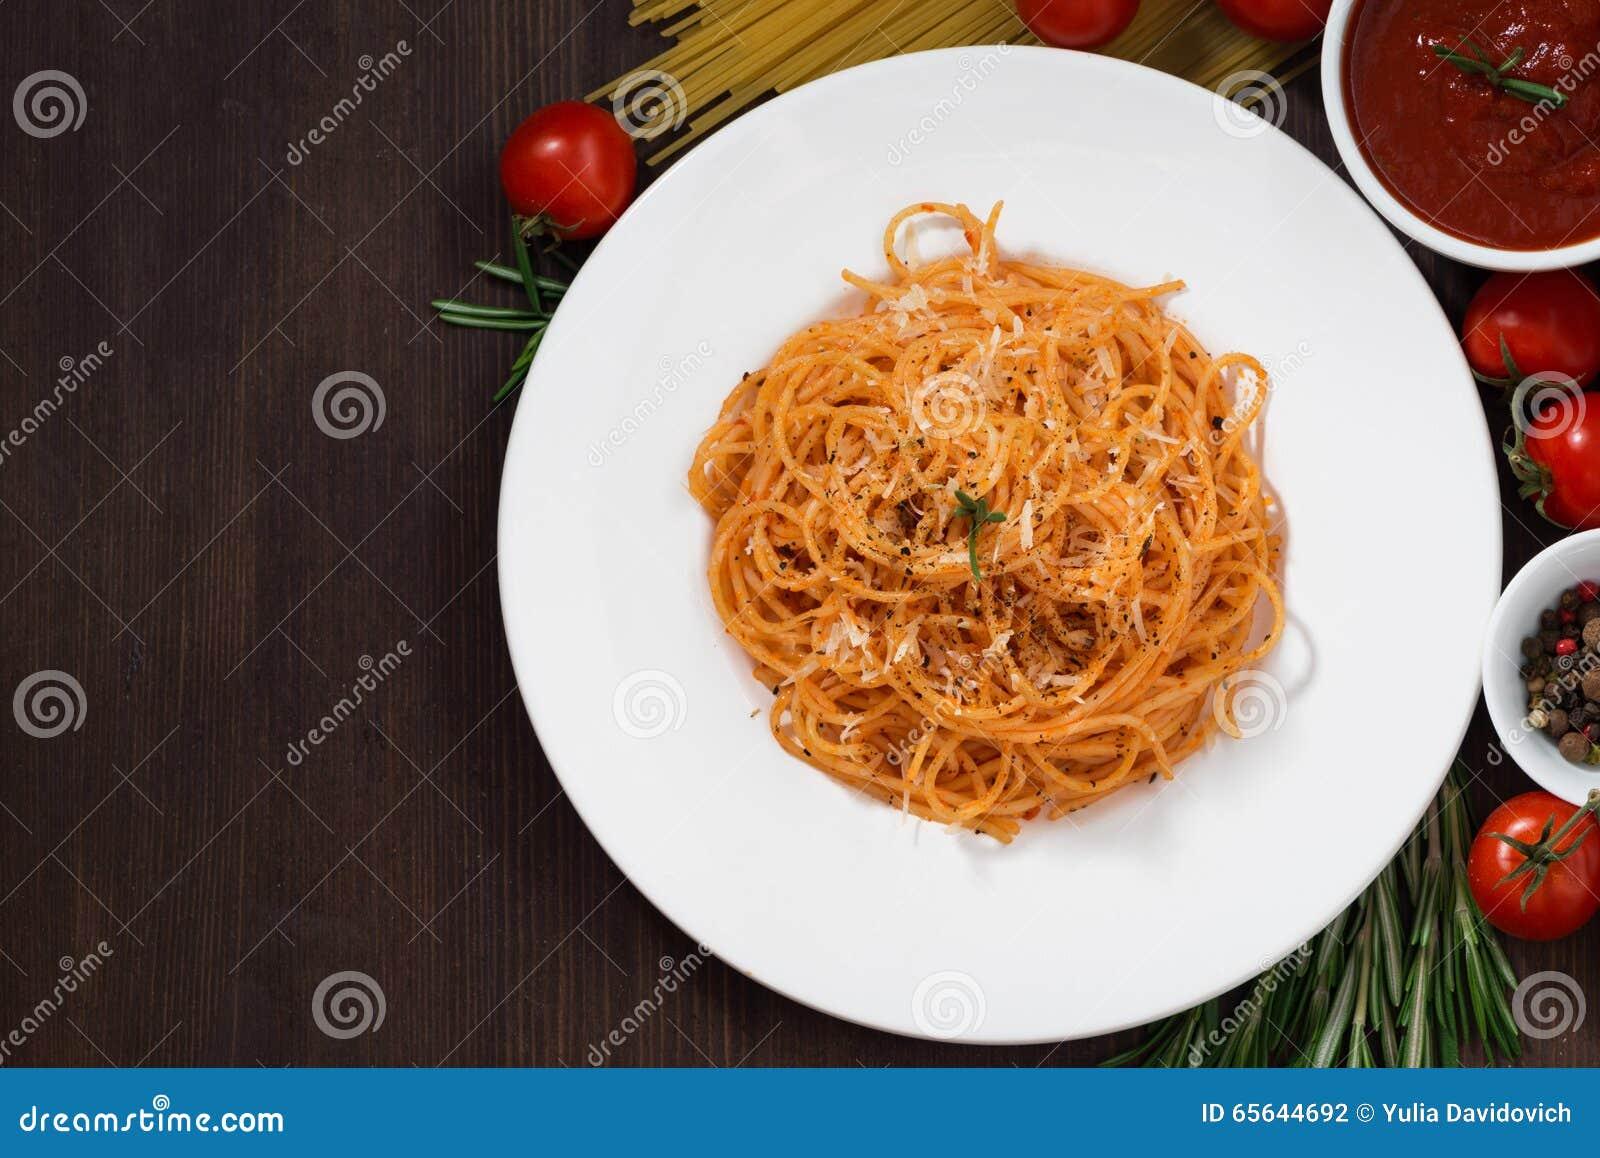 Spaghetti avec la sauce tomate et les ingrédients sur une table en bois